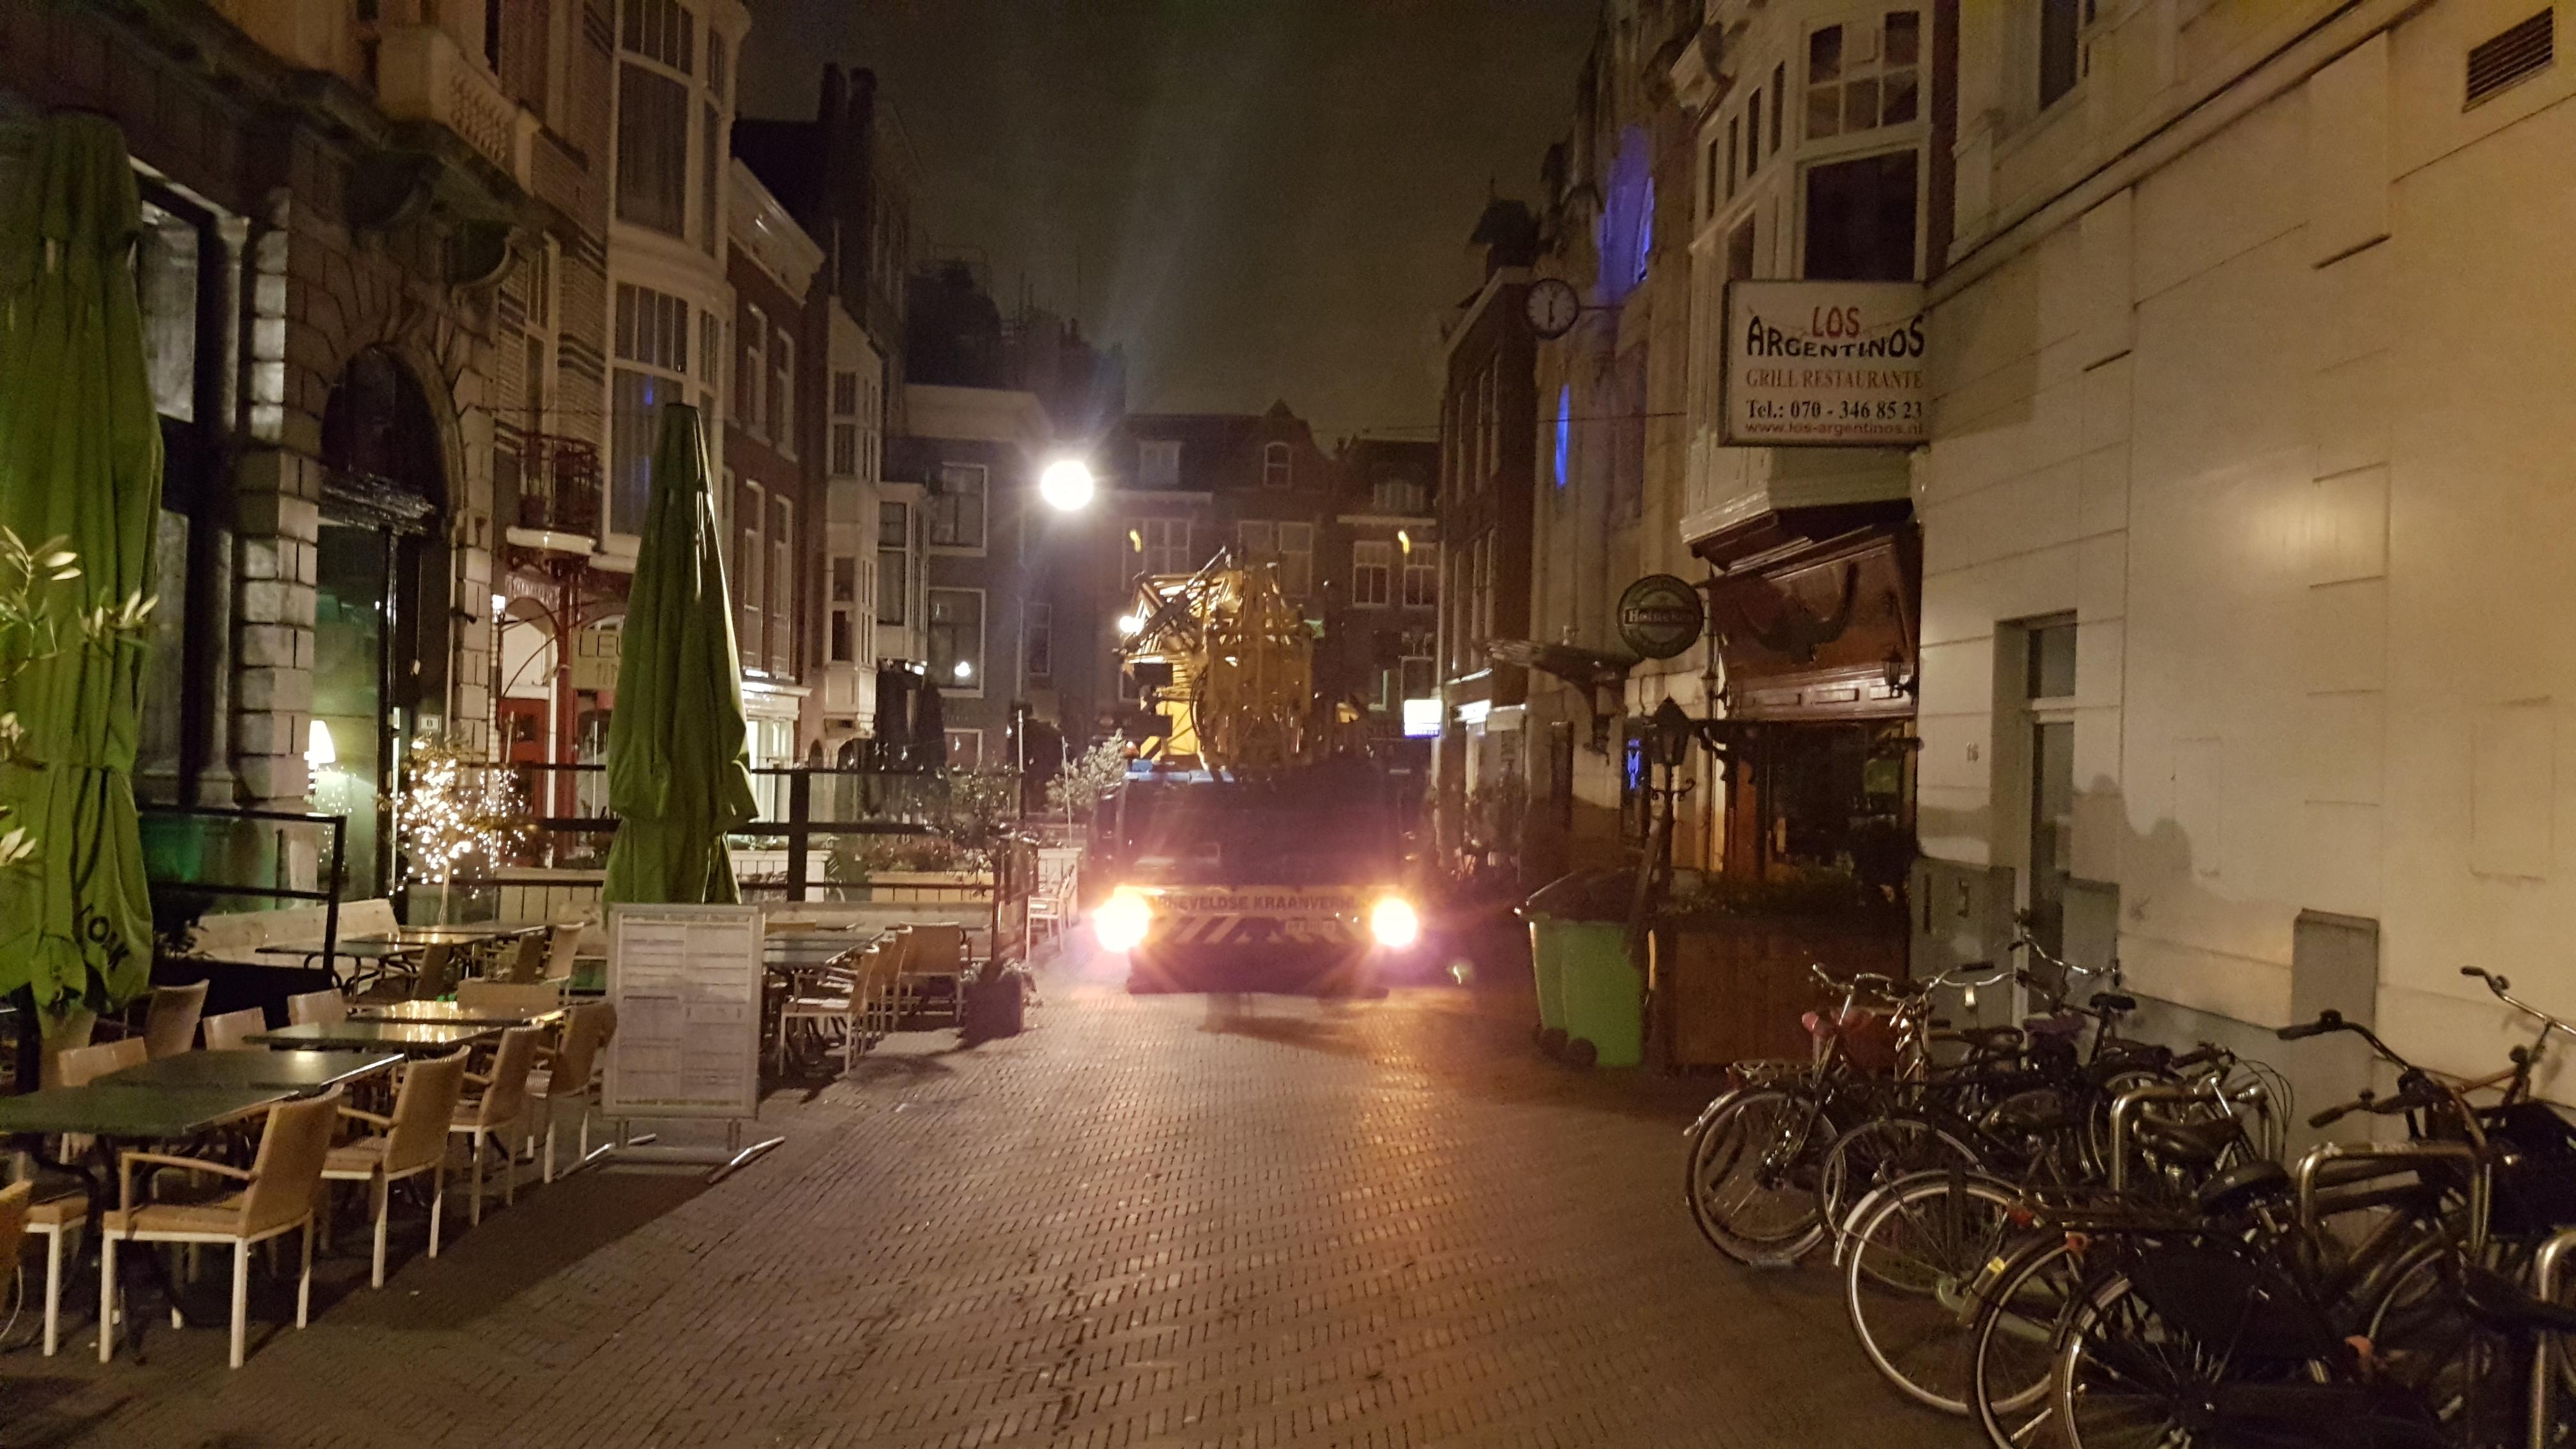 Barneveldse kraanverhuur actief in Den Haag; rijdend door hartje centrum